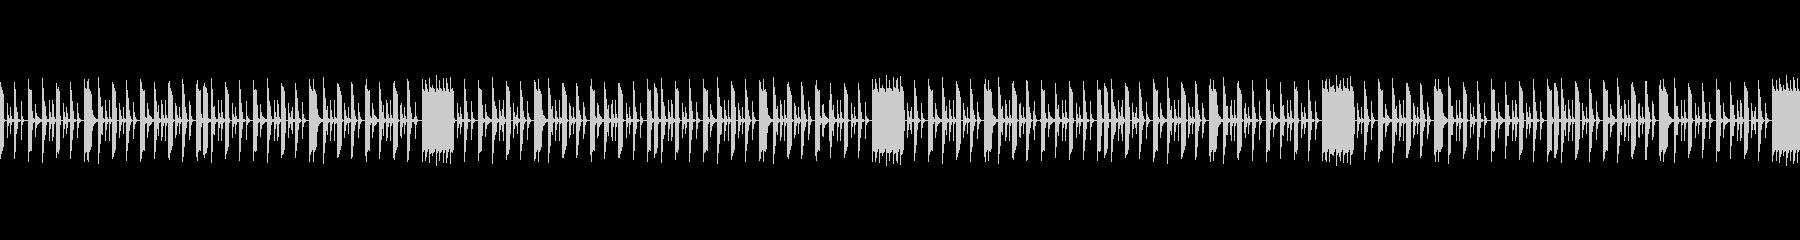 トークを邪魔しない打楽器のループBGMの未再生の波形